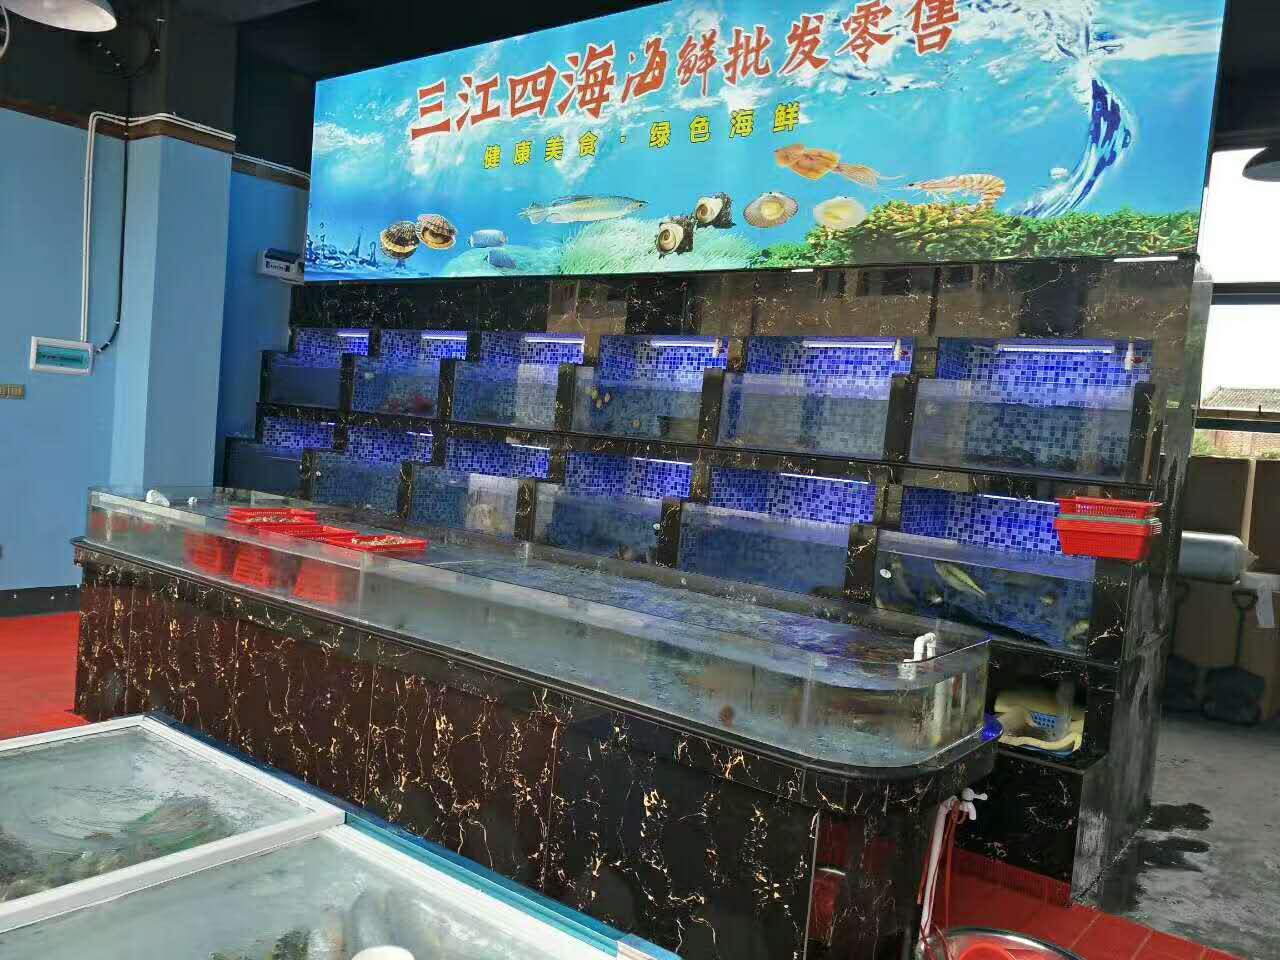 浏阳三江四海海鲜加工坊